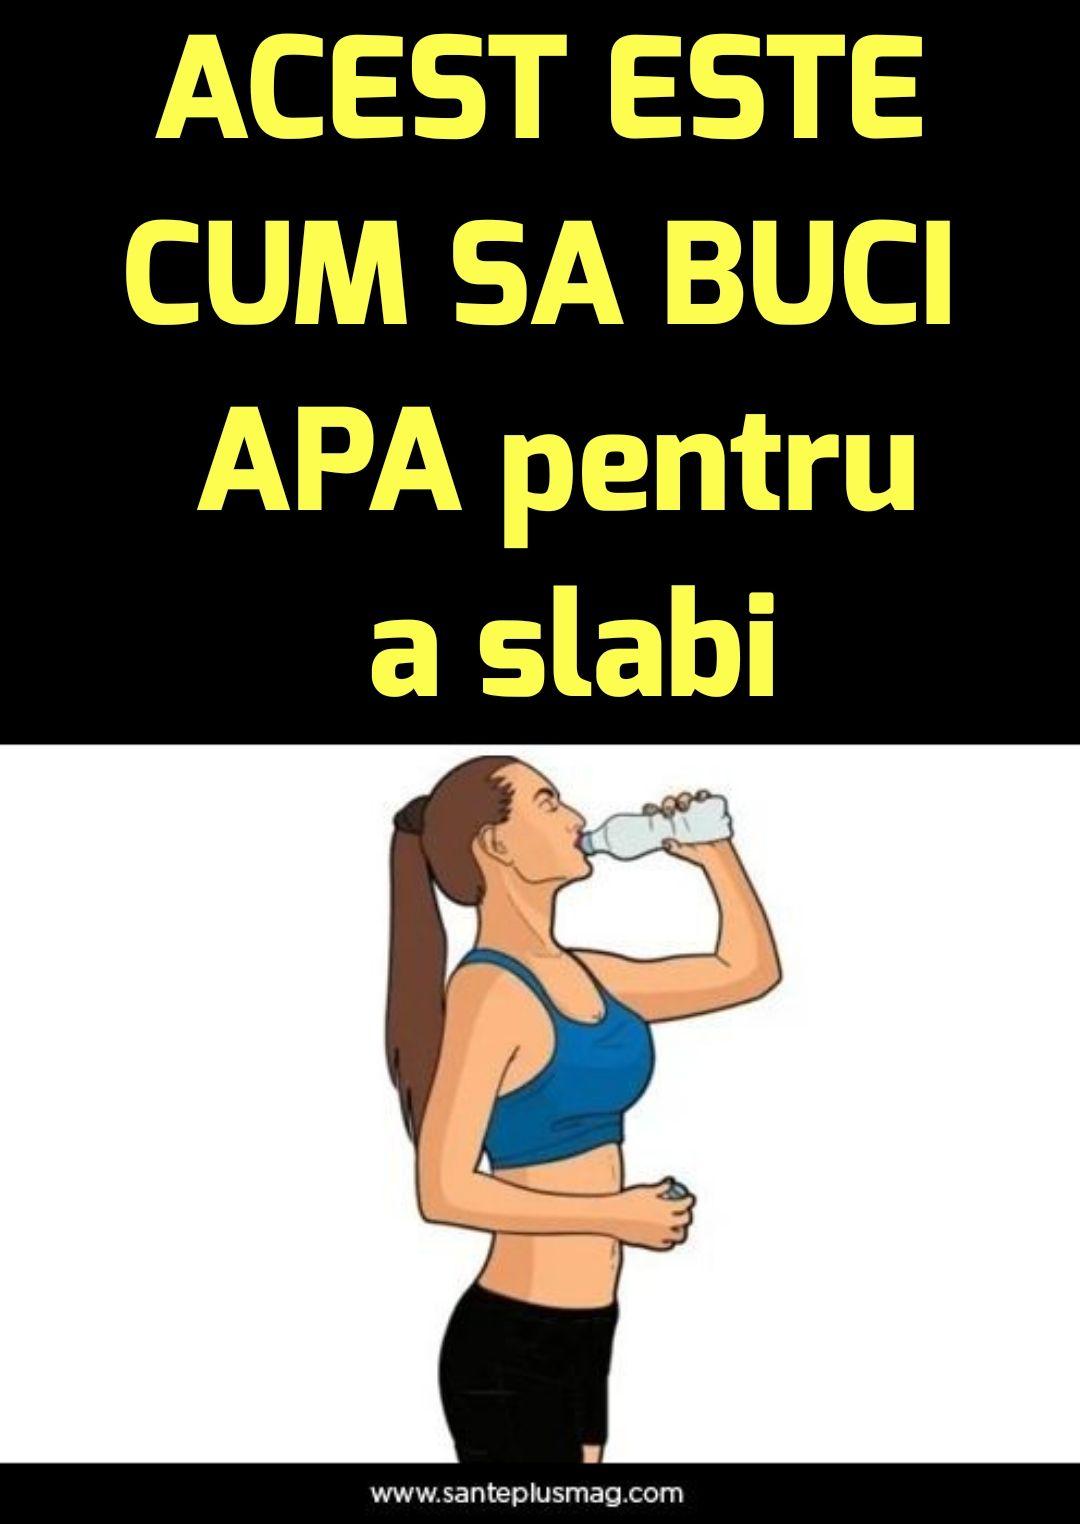 pierdere în greutate schimbare în mișcare)